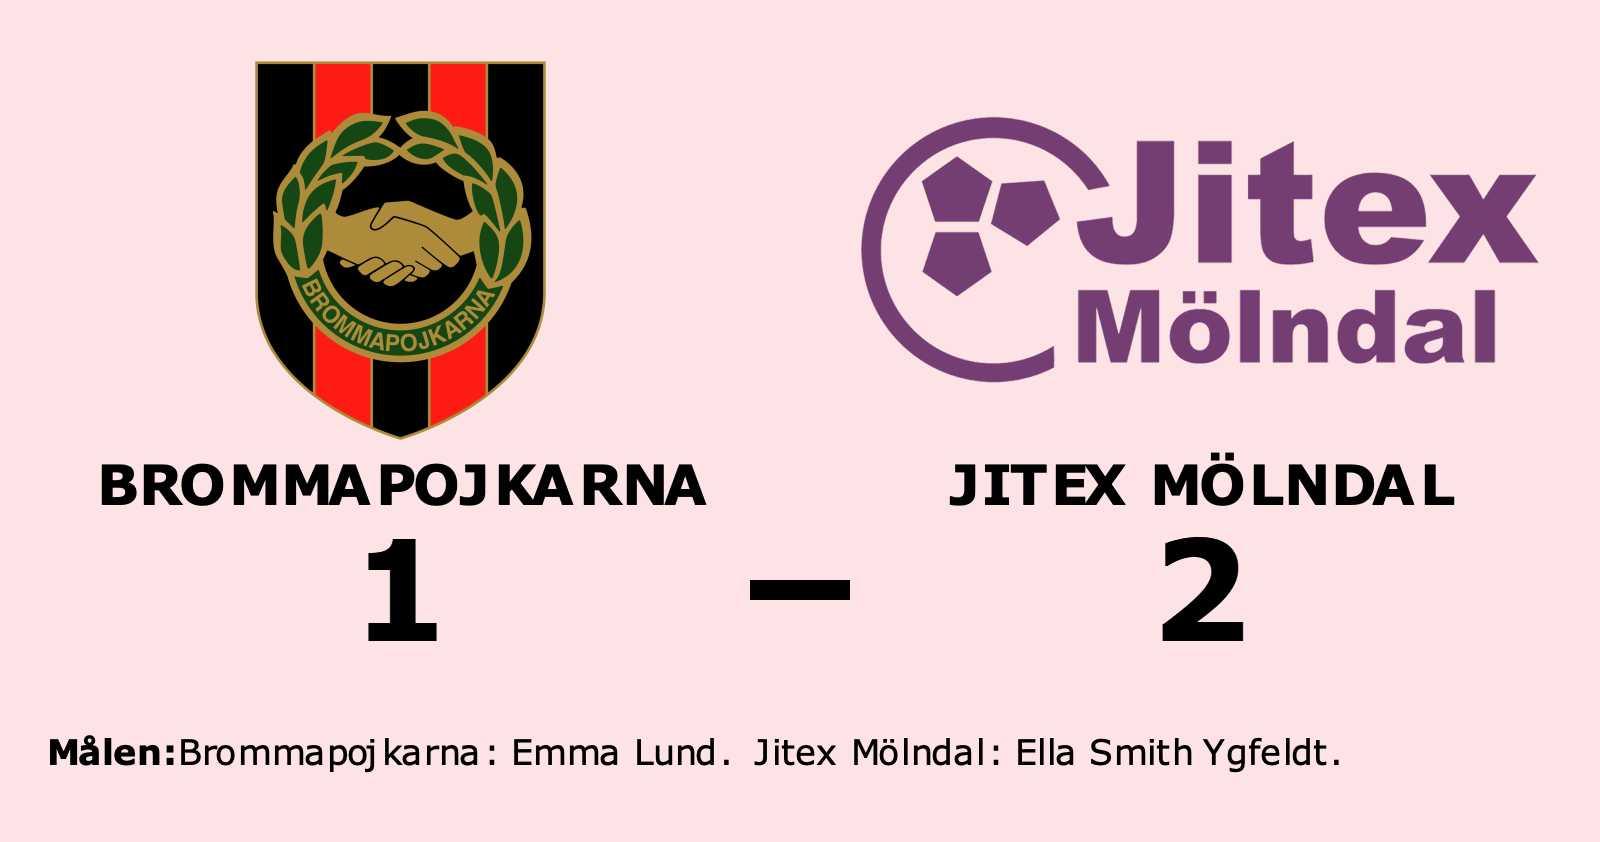 Jitex Mölndal avgjorde mot Brommapojkarna efter paus